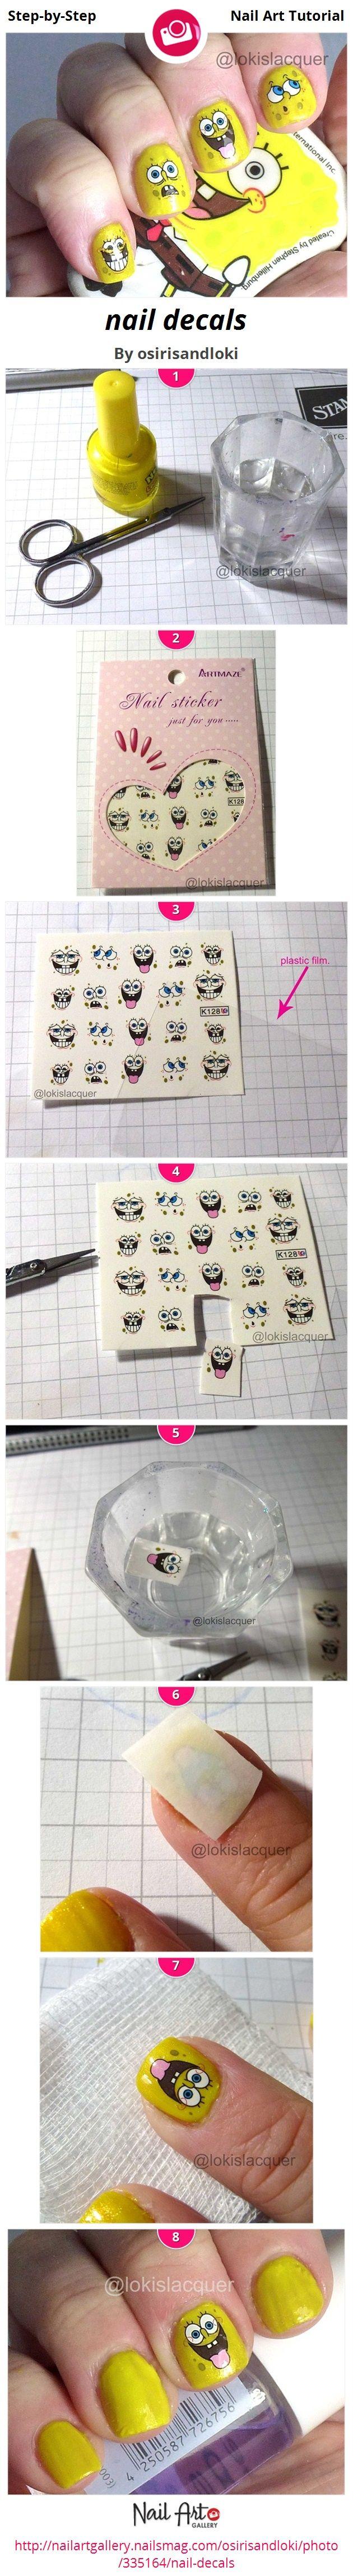 nail decals by osirisandloki - Nail Art Gallery Step-by-Step Tutorials nailartgallery.nailsmag.com by Nails Magazine www.nailsmag.com #nailart